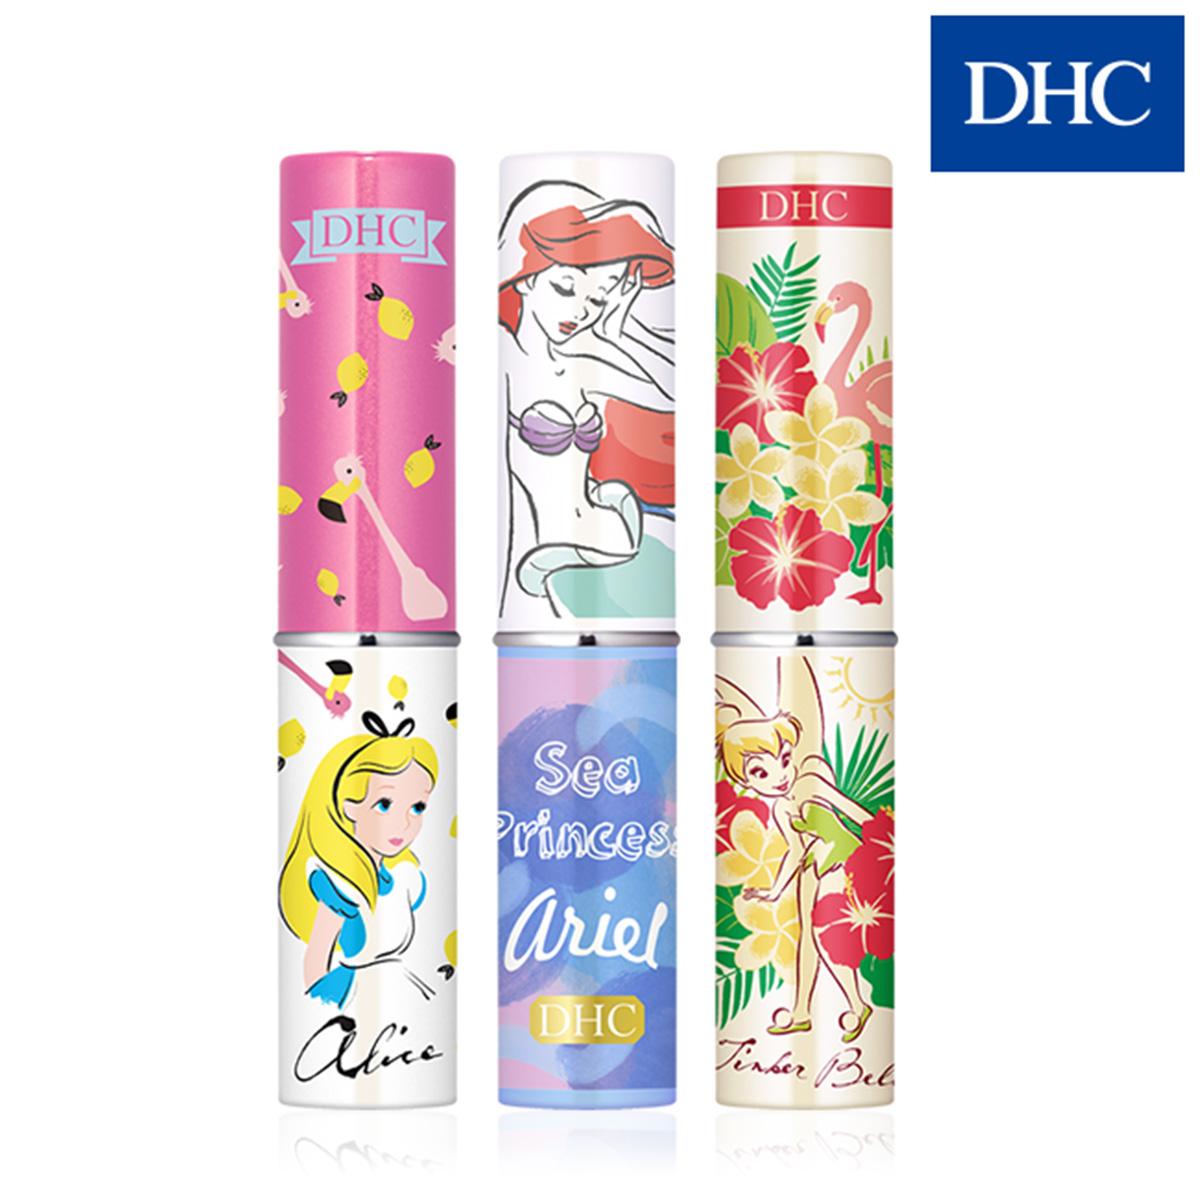 DHC 純欖護唇膏 迪士尼公主系列 夏日彩繪限定版 1.5g 愛麗絲/小精靈  【SP嚴選家】